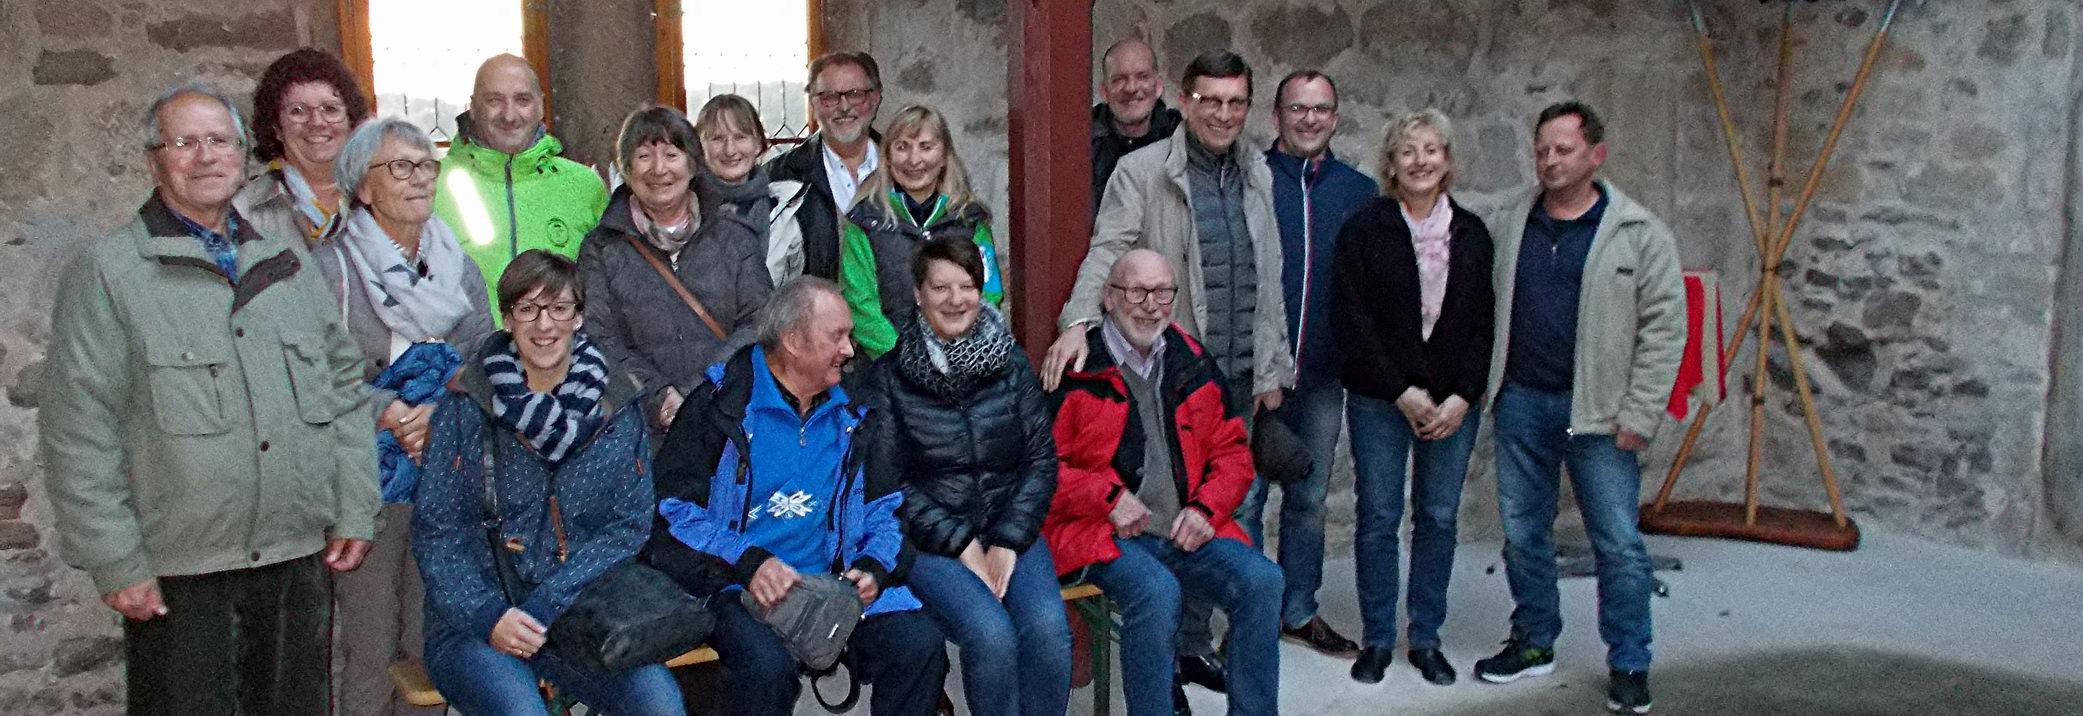 Besuch in Neuhaus-Schierschnitz